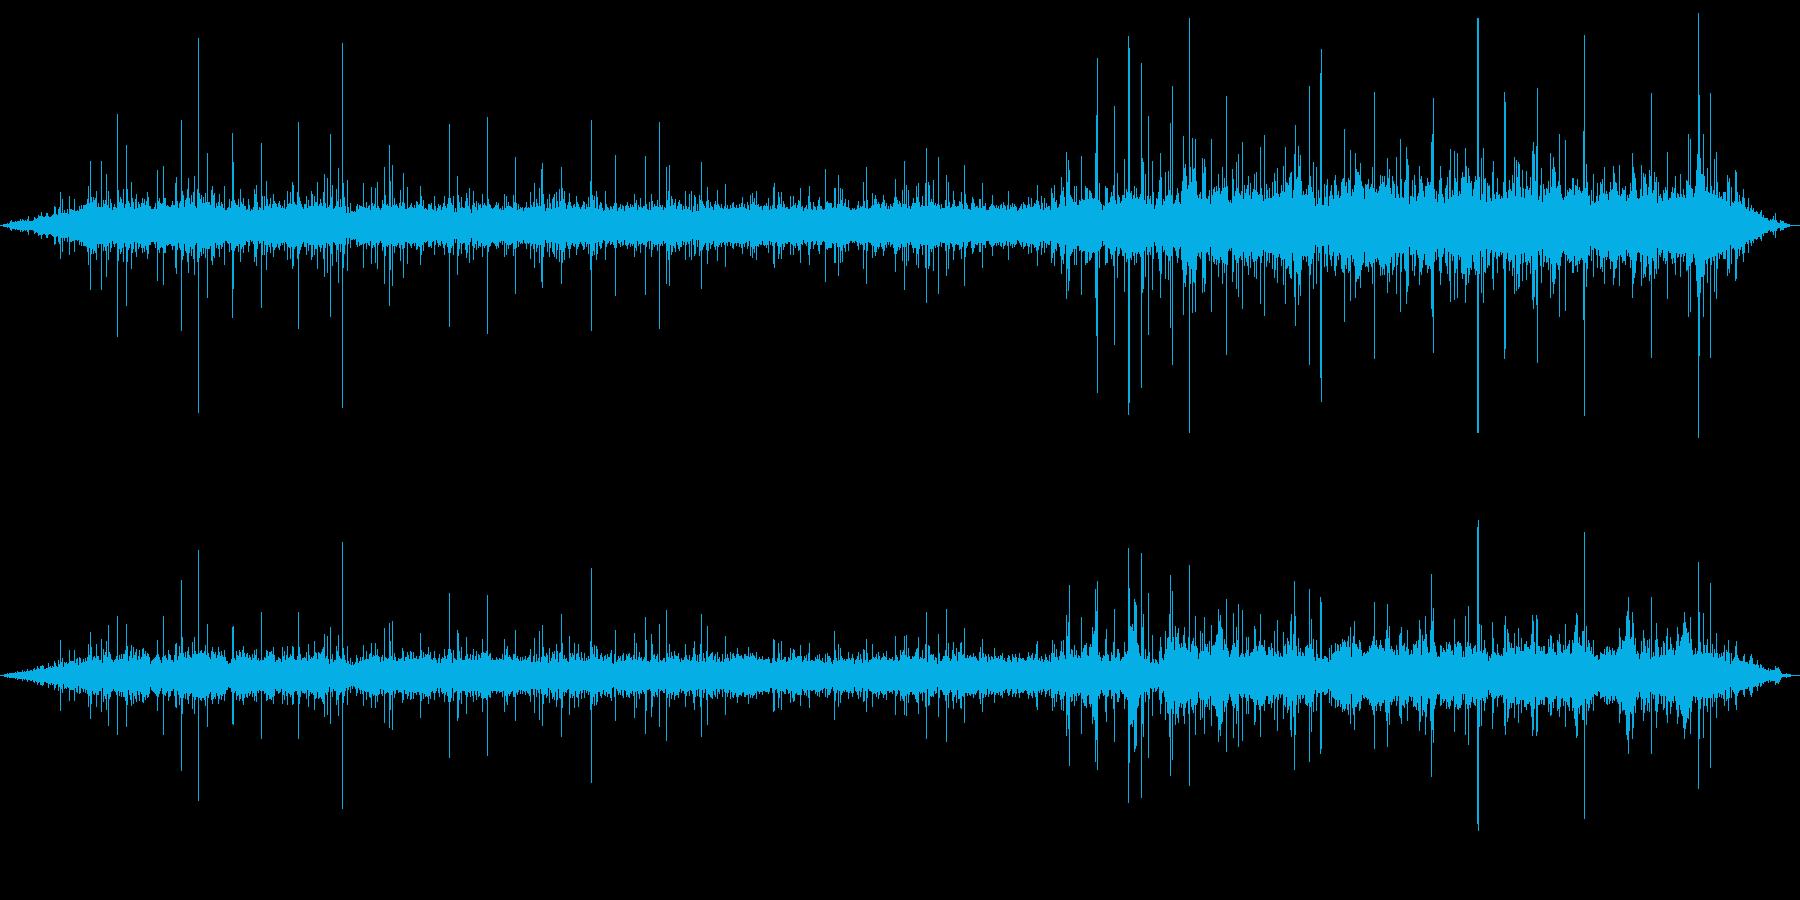 ザーッ(勢いよく降る雨音)の再生済みの波形